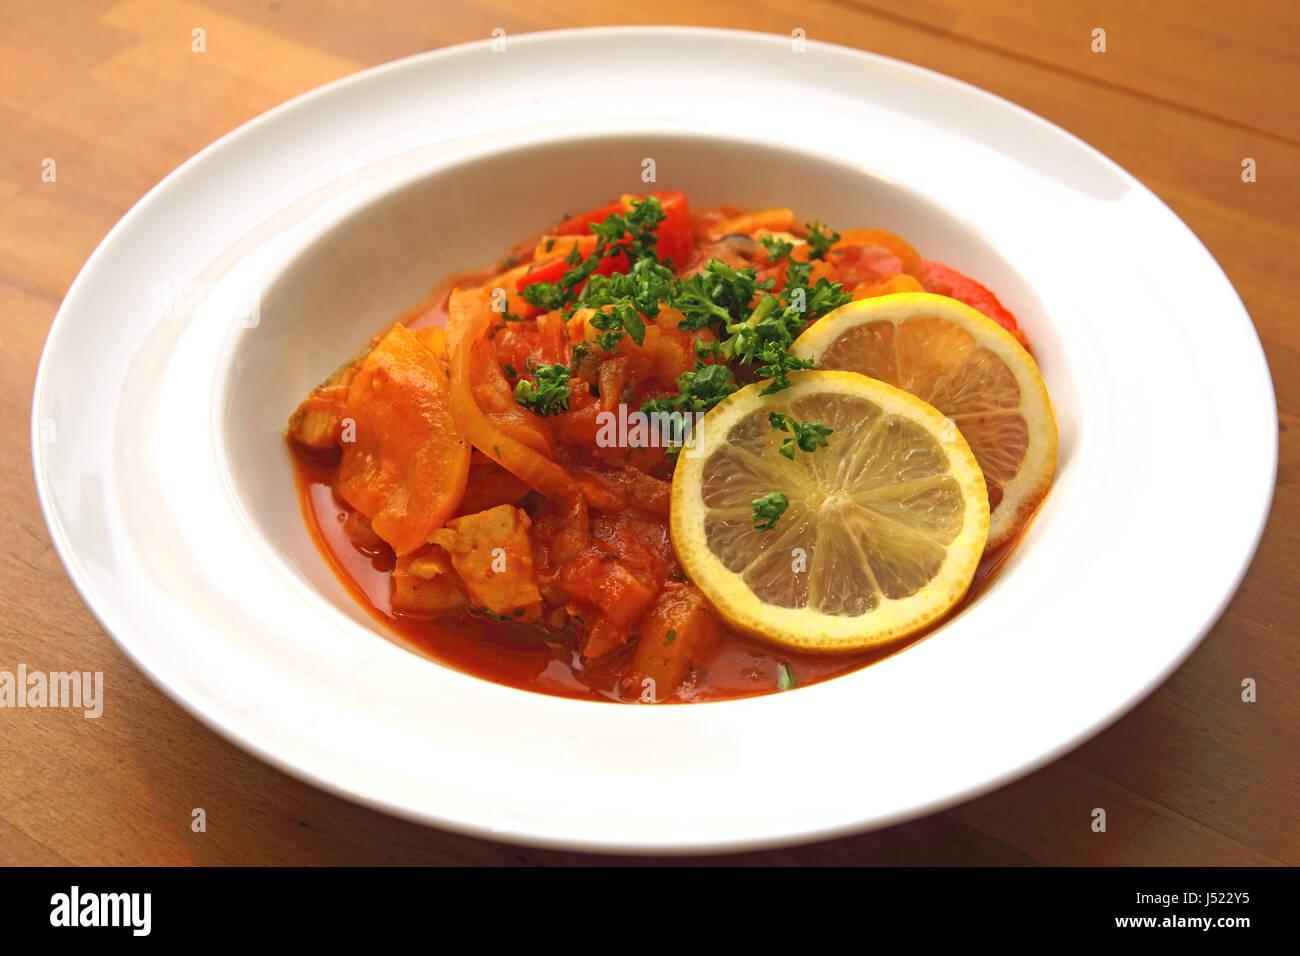 Portugiesischer Fischeintopf (Cataplana) - Stock Image